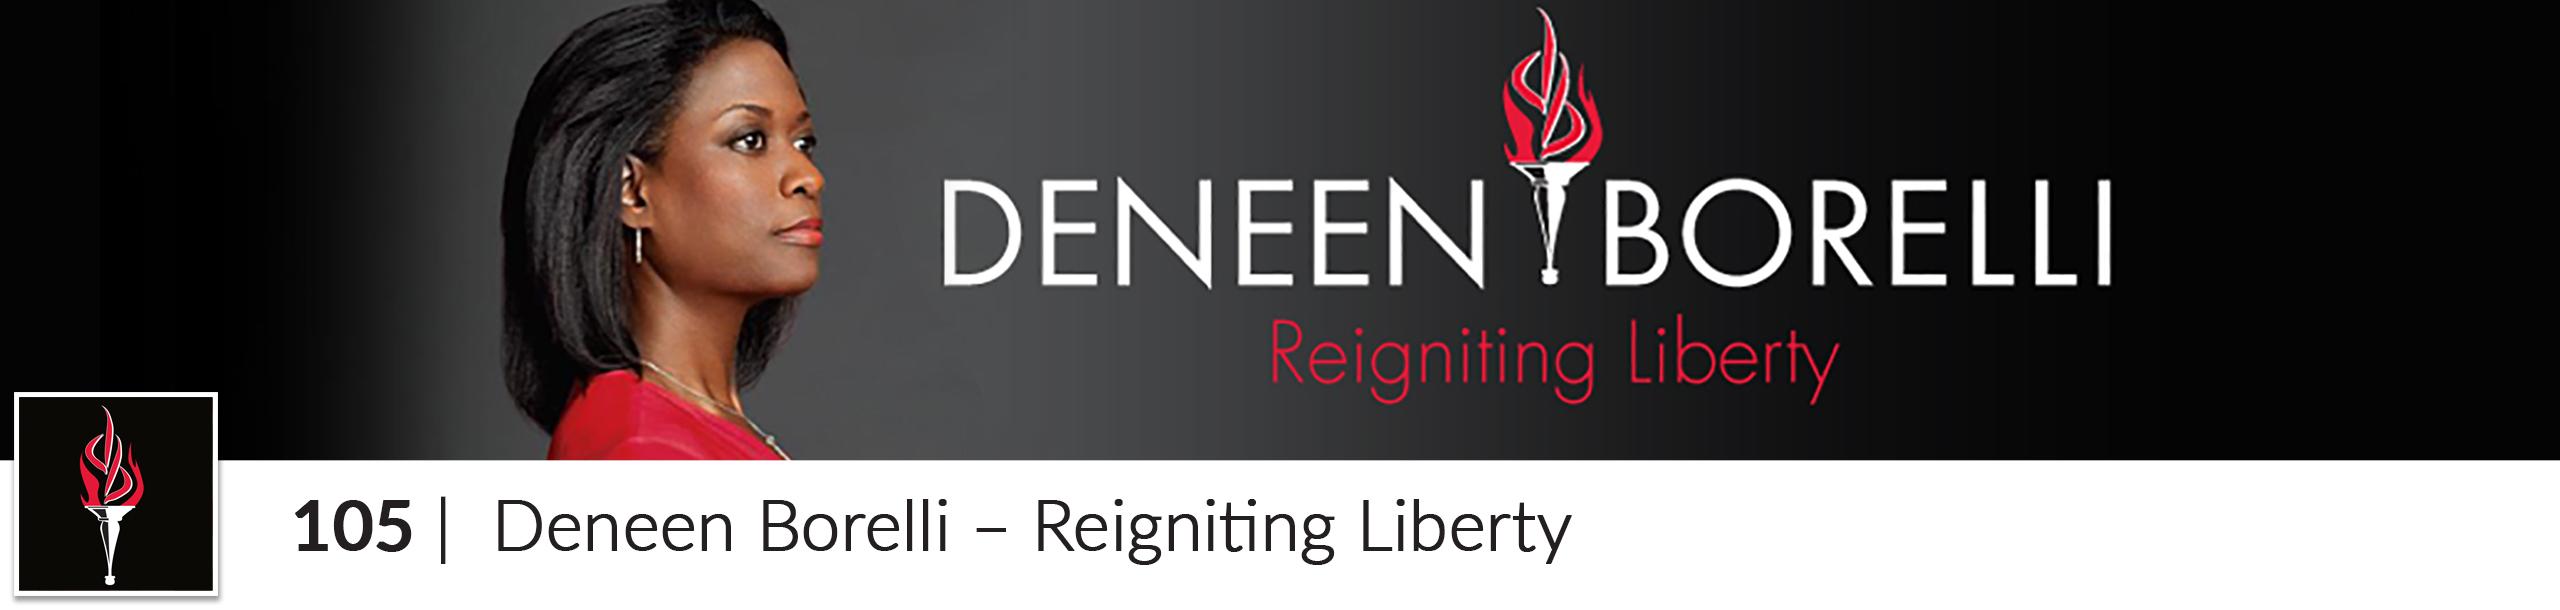 deneen_borelli-header